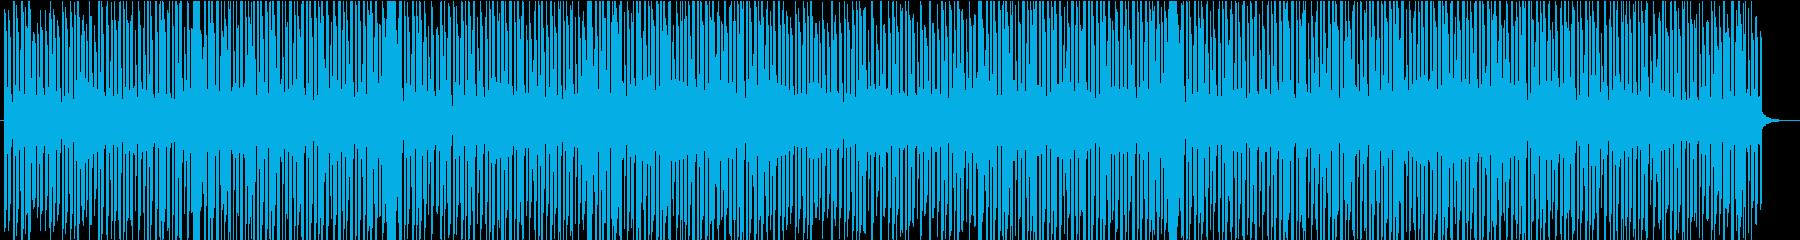 エモーショナルなトロピカルハウスの再生済みの波形